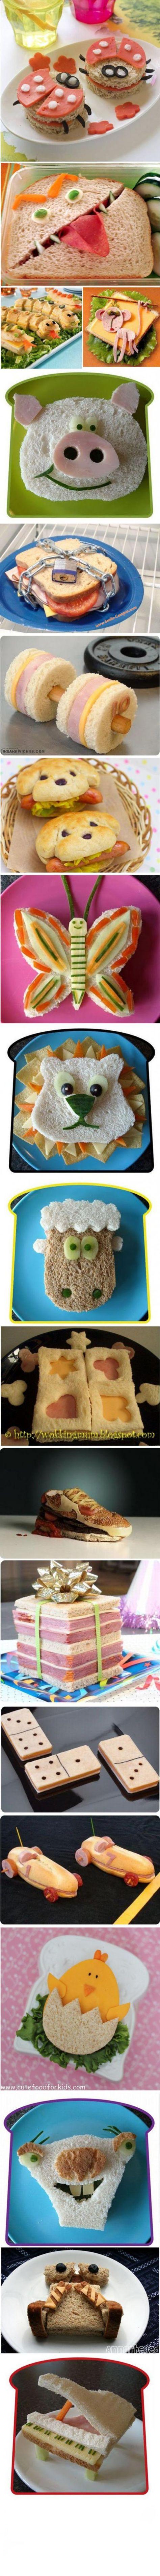 Découvrez 18 manières de préparer un sandwich.